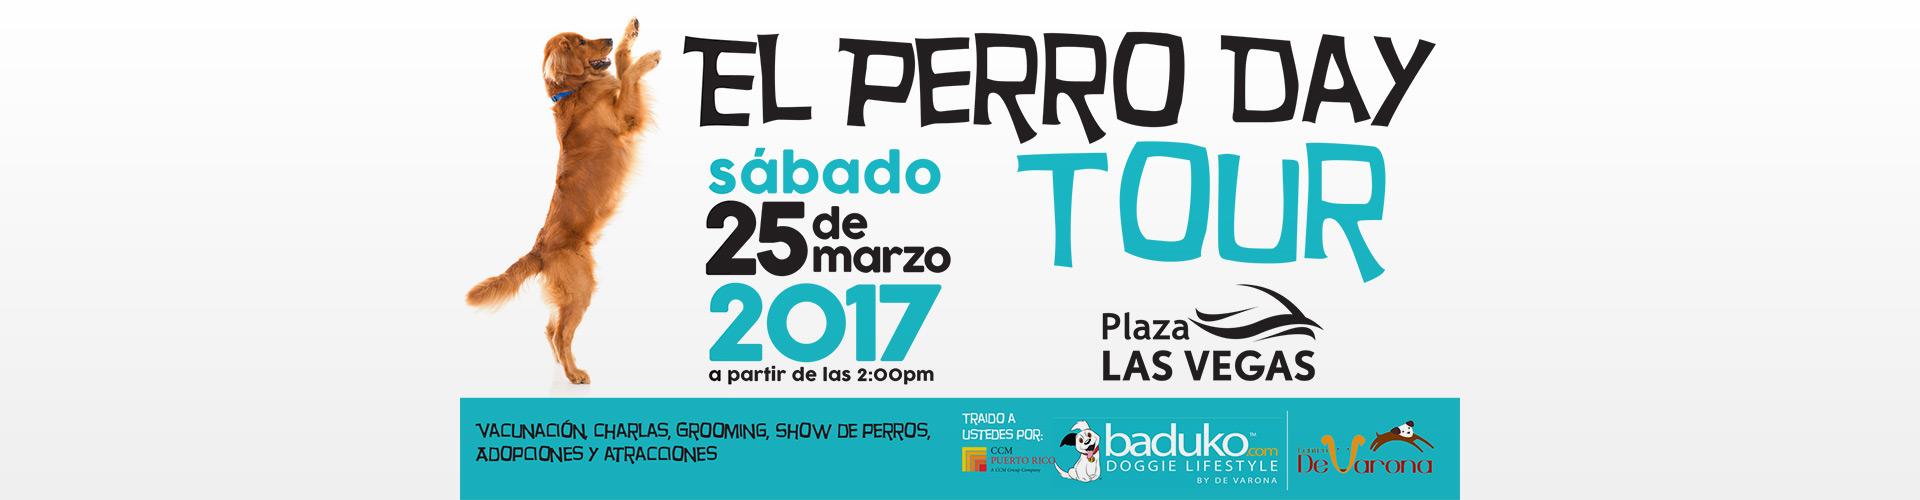 plaza-las-vegas-02-17-slide-2